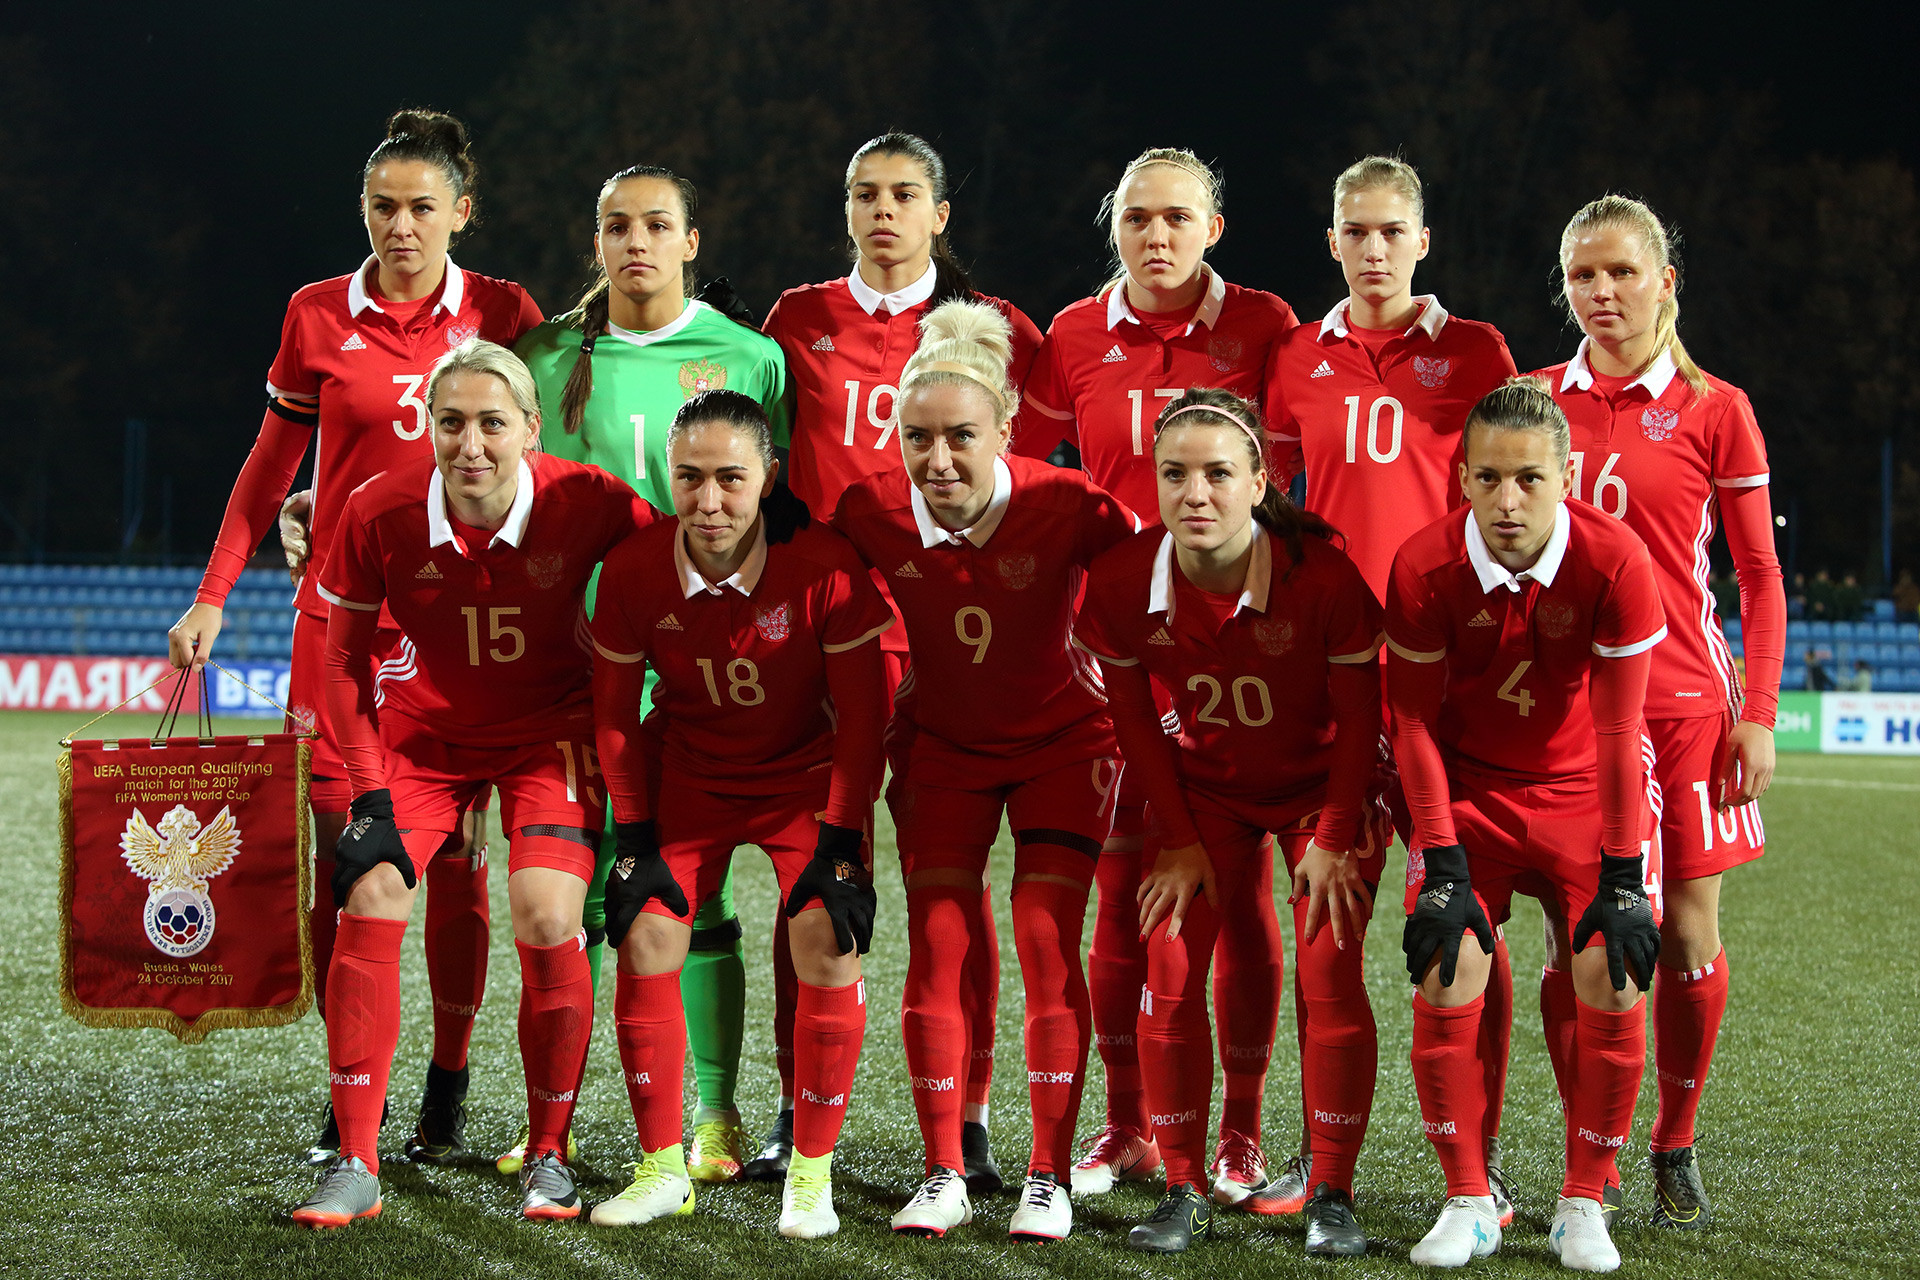 女子サッカーのナショナルチーム